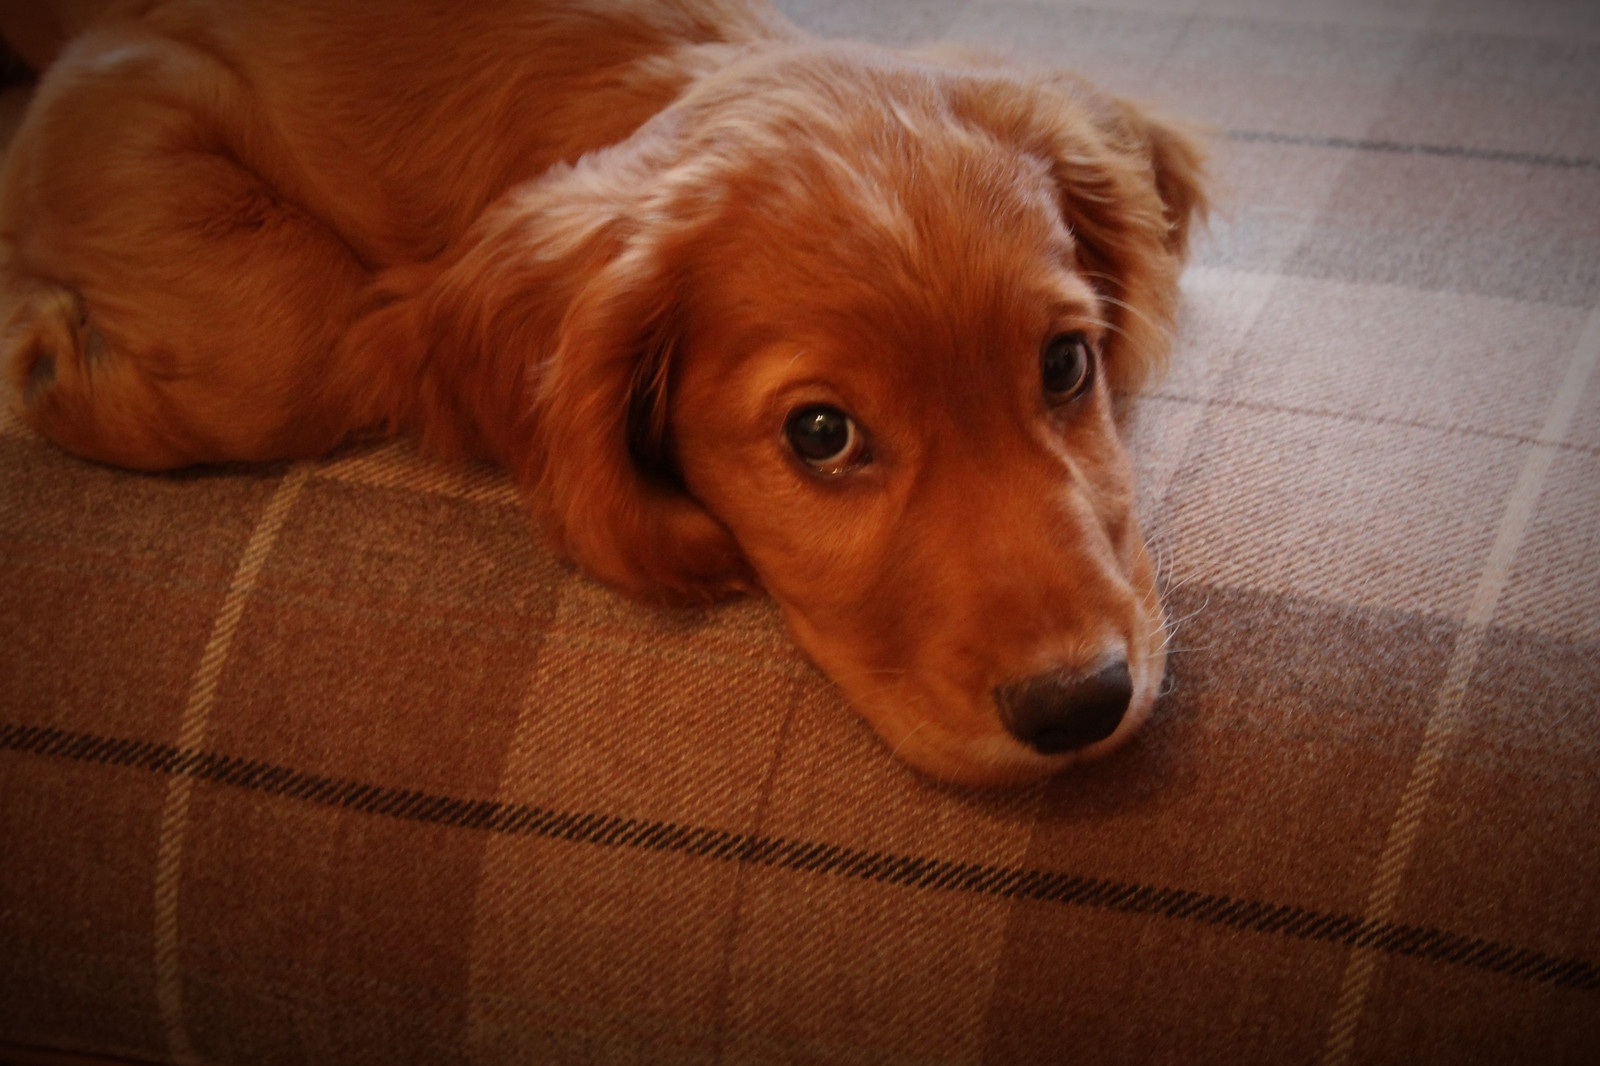 PDI - Puppy Love - Paul Anka by John Knipe (9 marks)